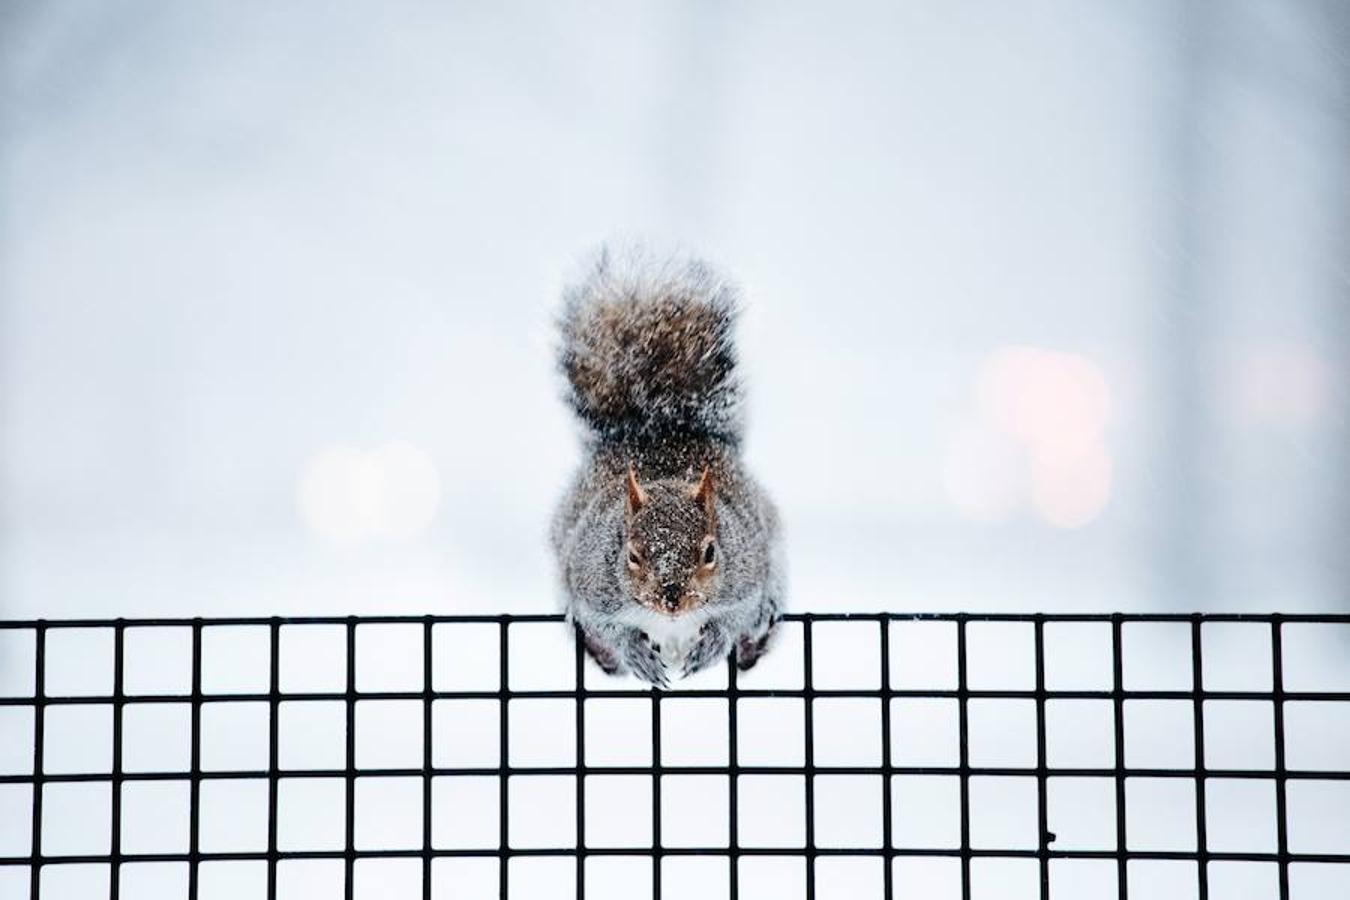 Una ardilla permanece en una valla del Battery Park, en Nueva York.